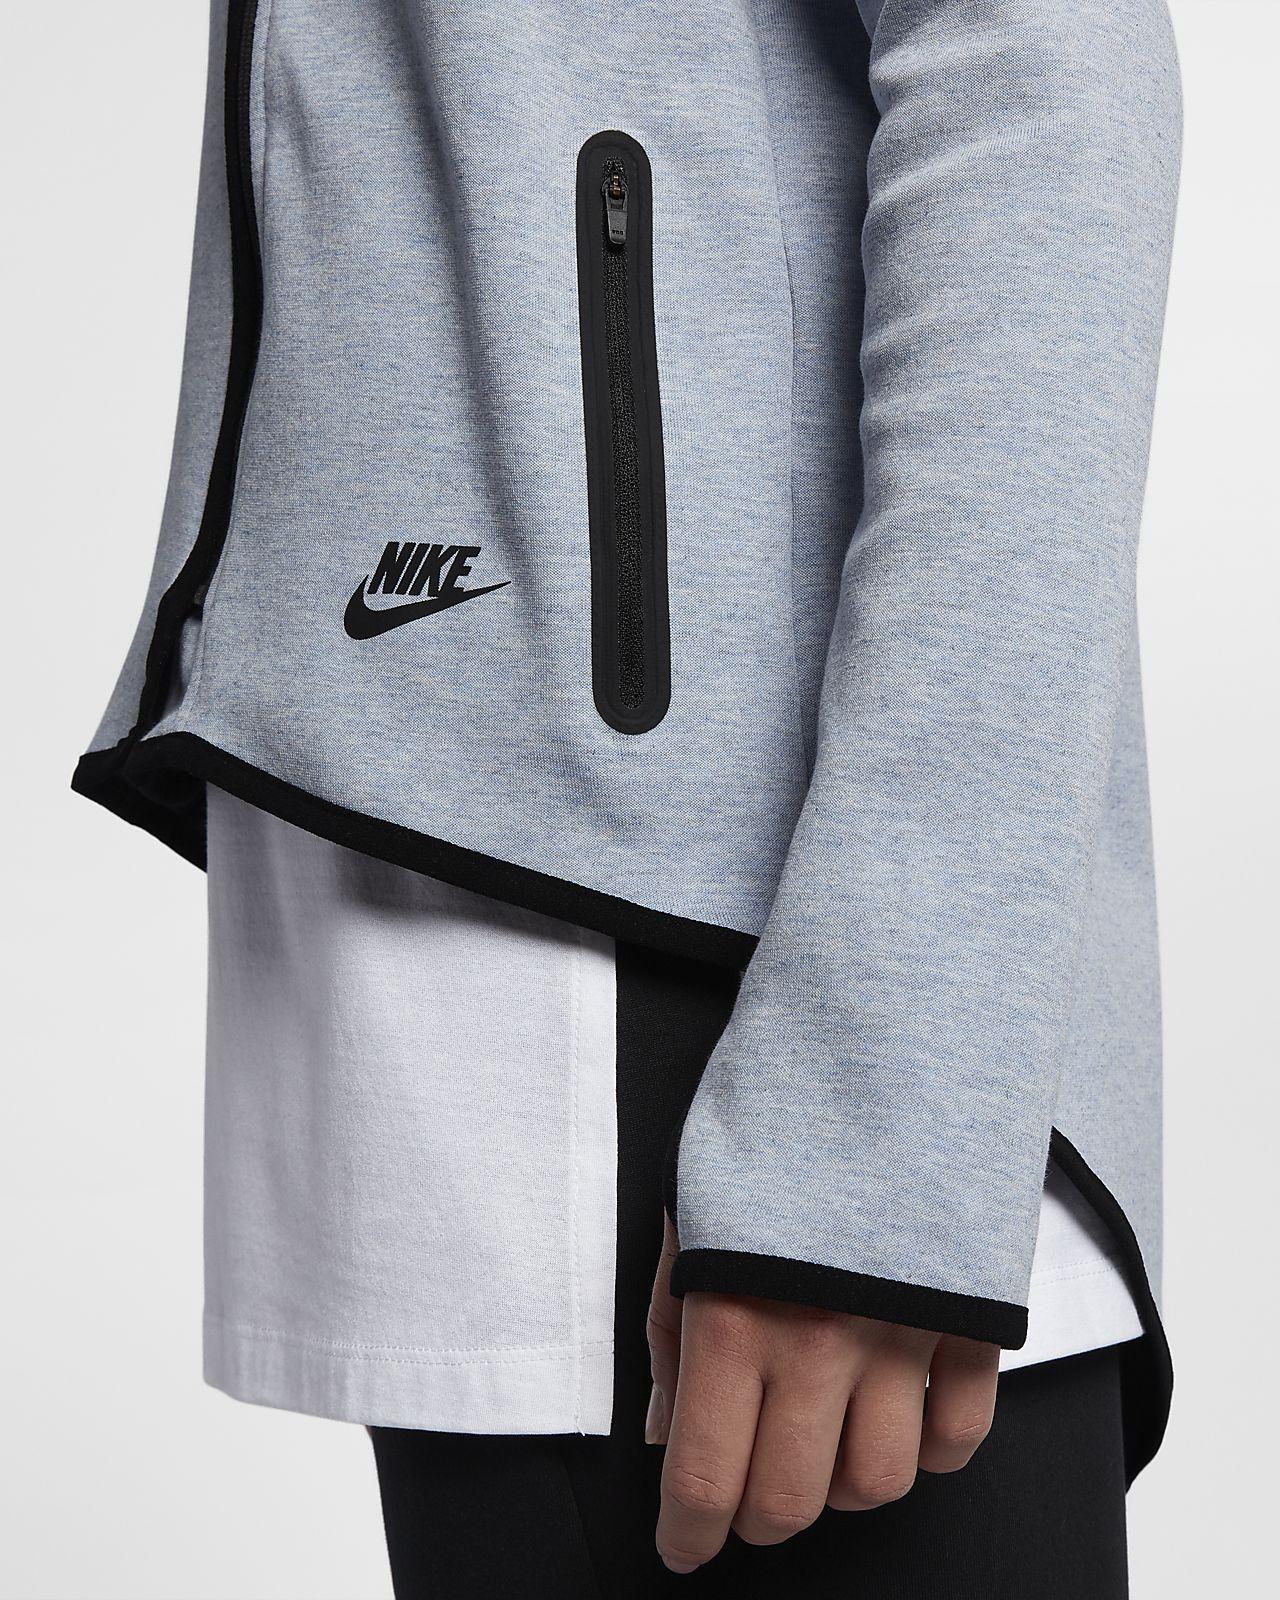 nike womens clothing dillards; nike sportswear tech fleece womens full zip  cape